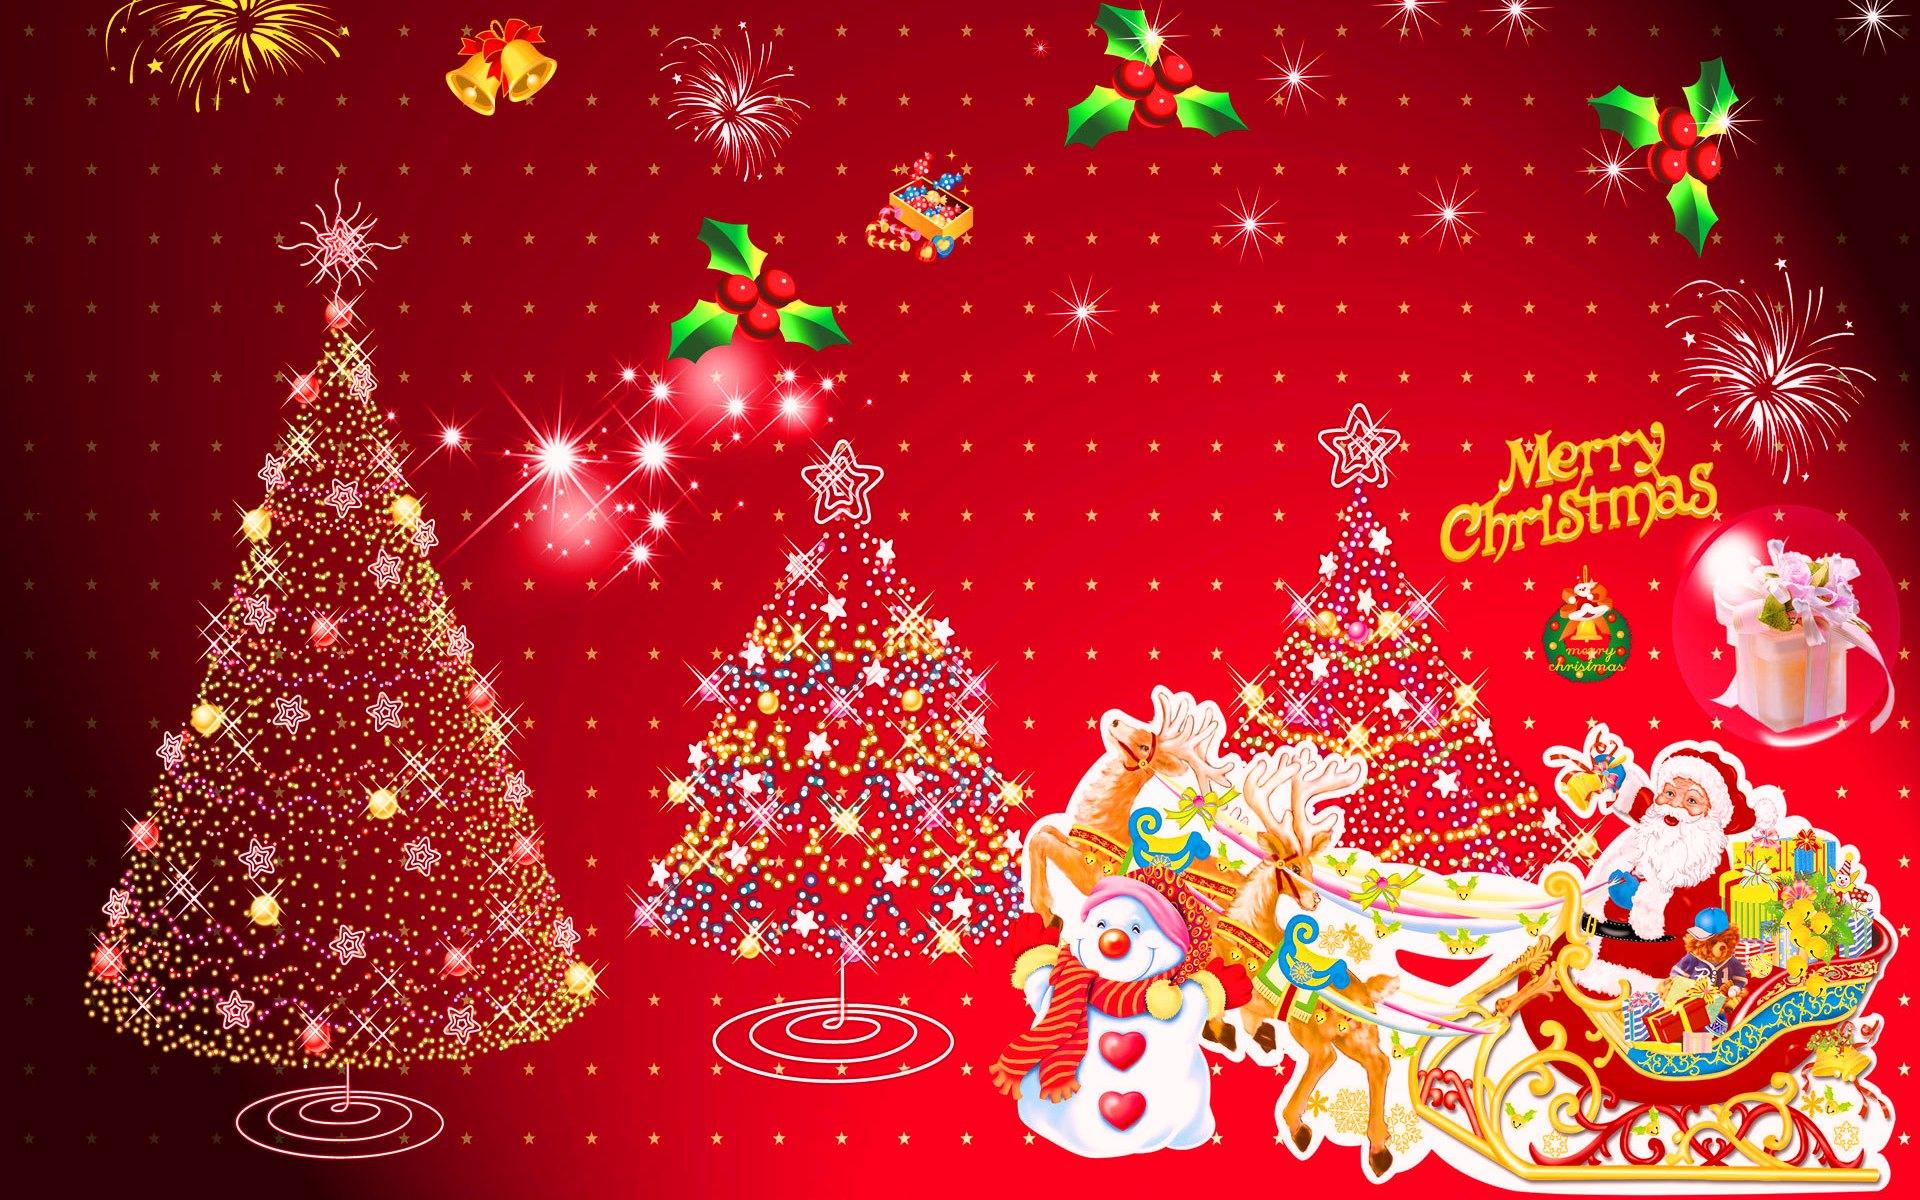 Веселого Рождества - C Рождеством Христовым поздравительные картинки